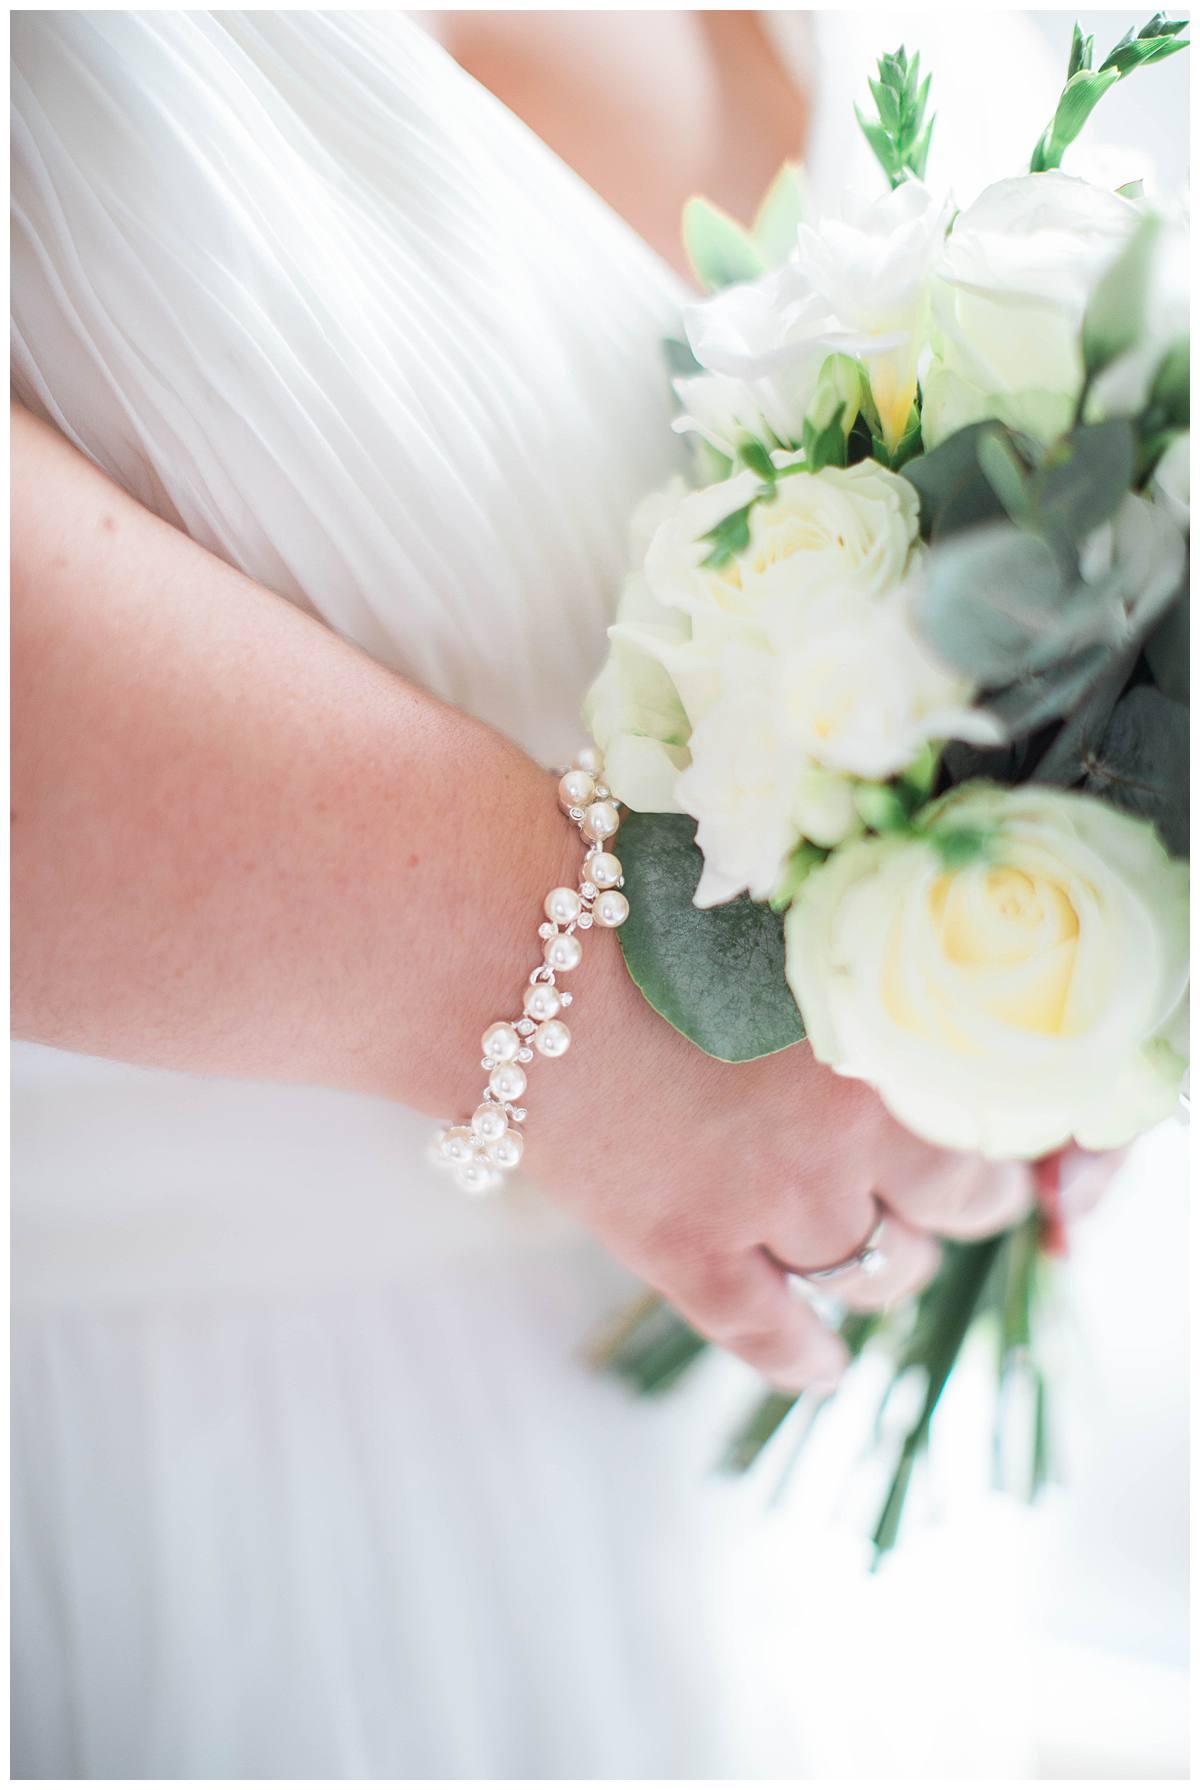 bracelets on bride